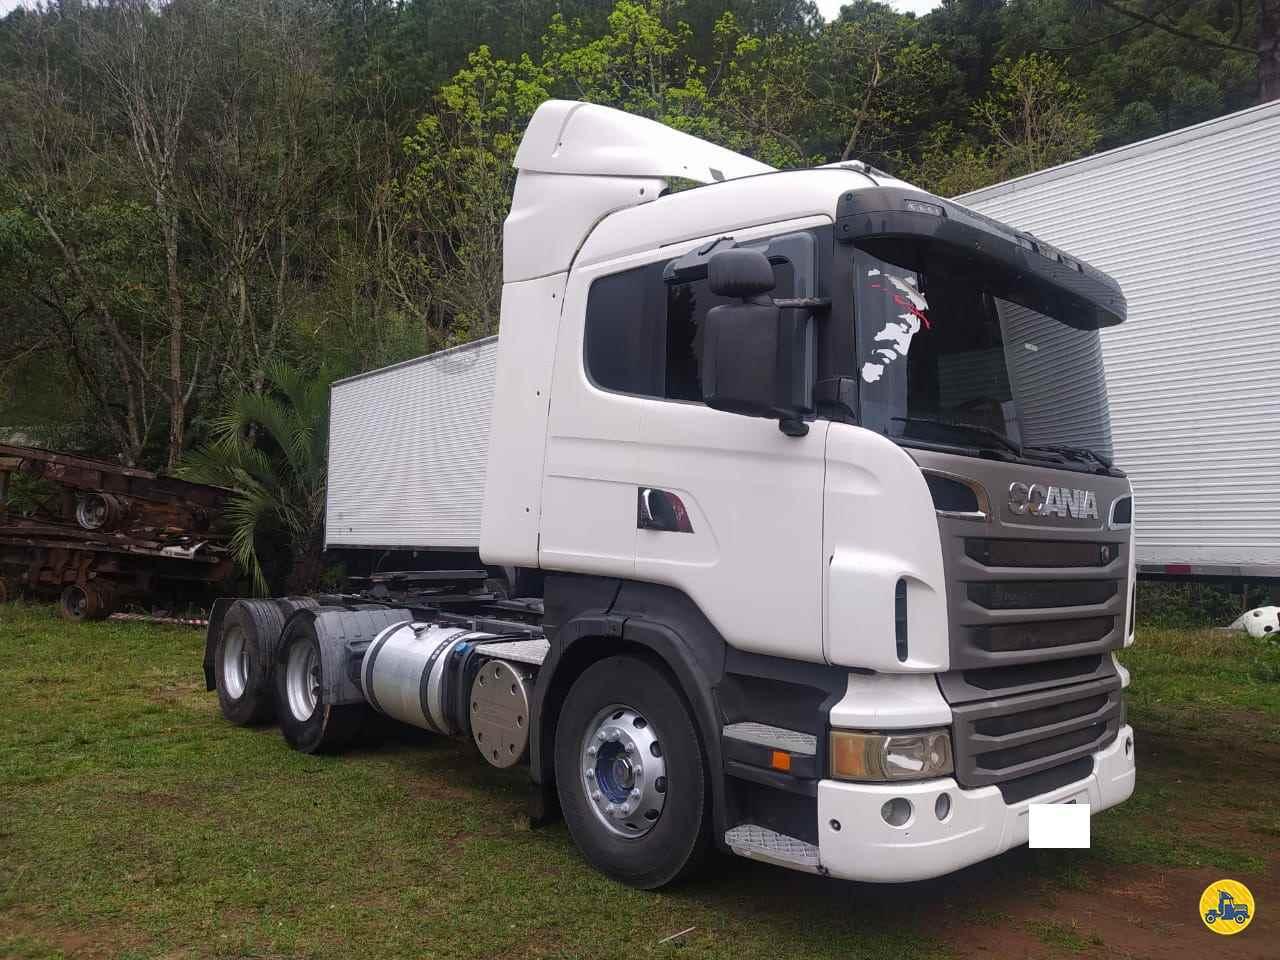 CAMINHAO SCANIA SCANIA 400 Cavalo Mecânico Truck 6x2 Transmap Caminhões SANTA ROSA RIO GRANDE DO SUL RS